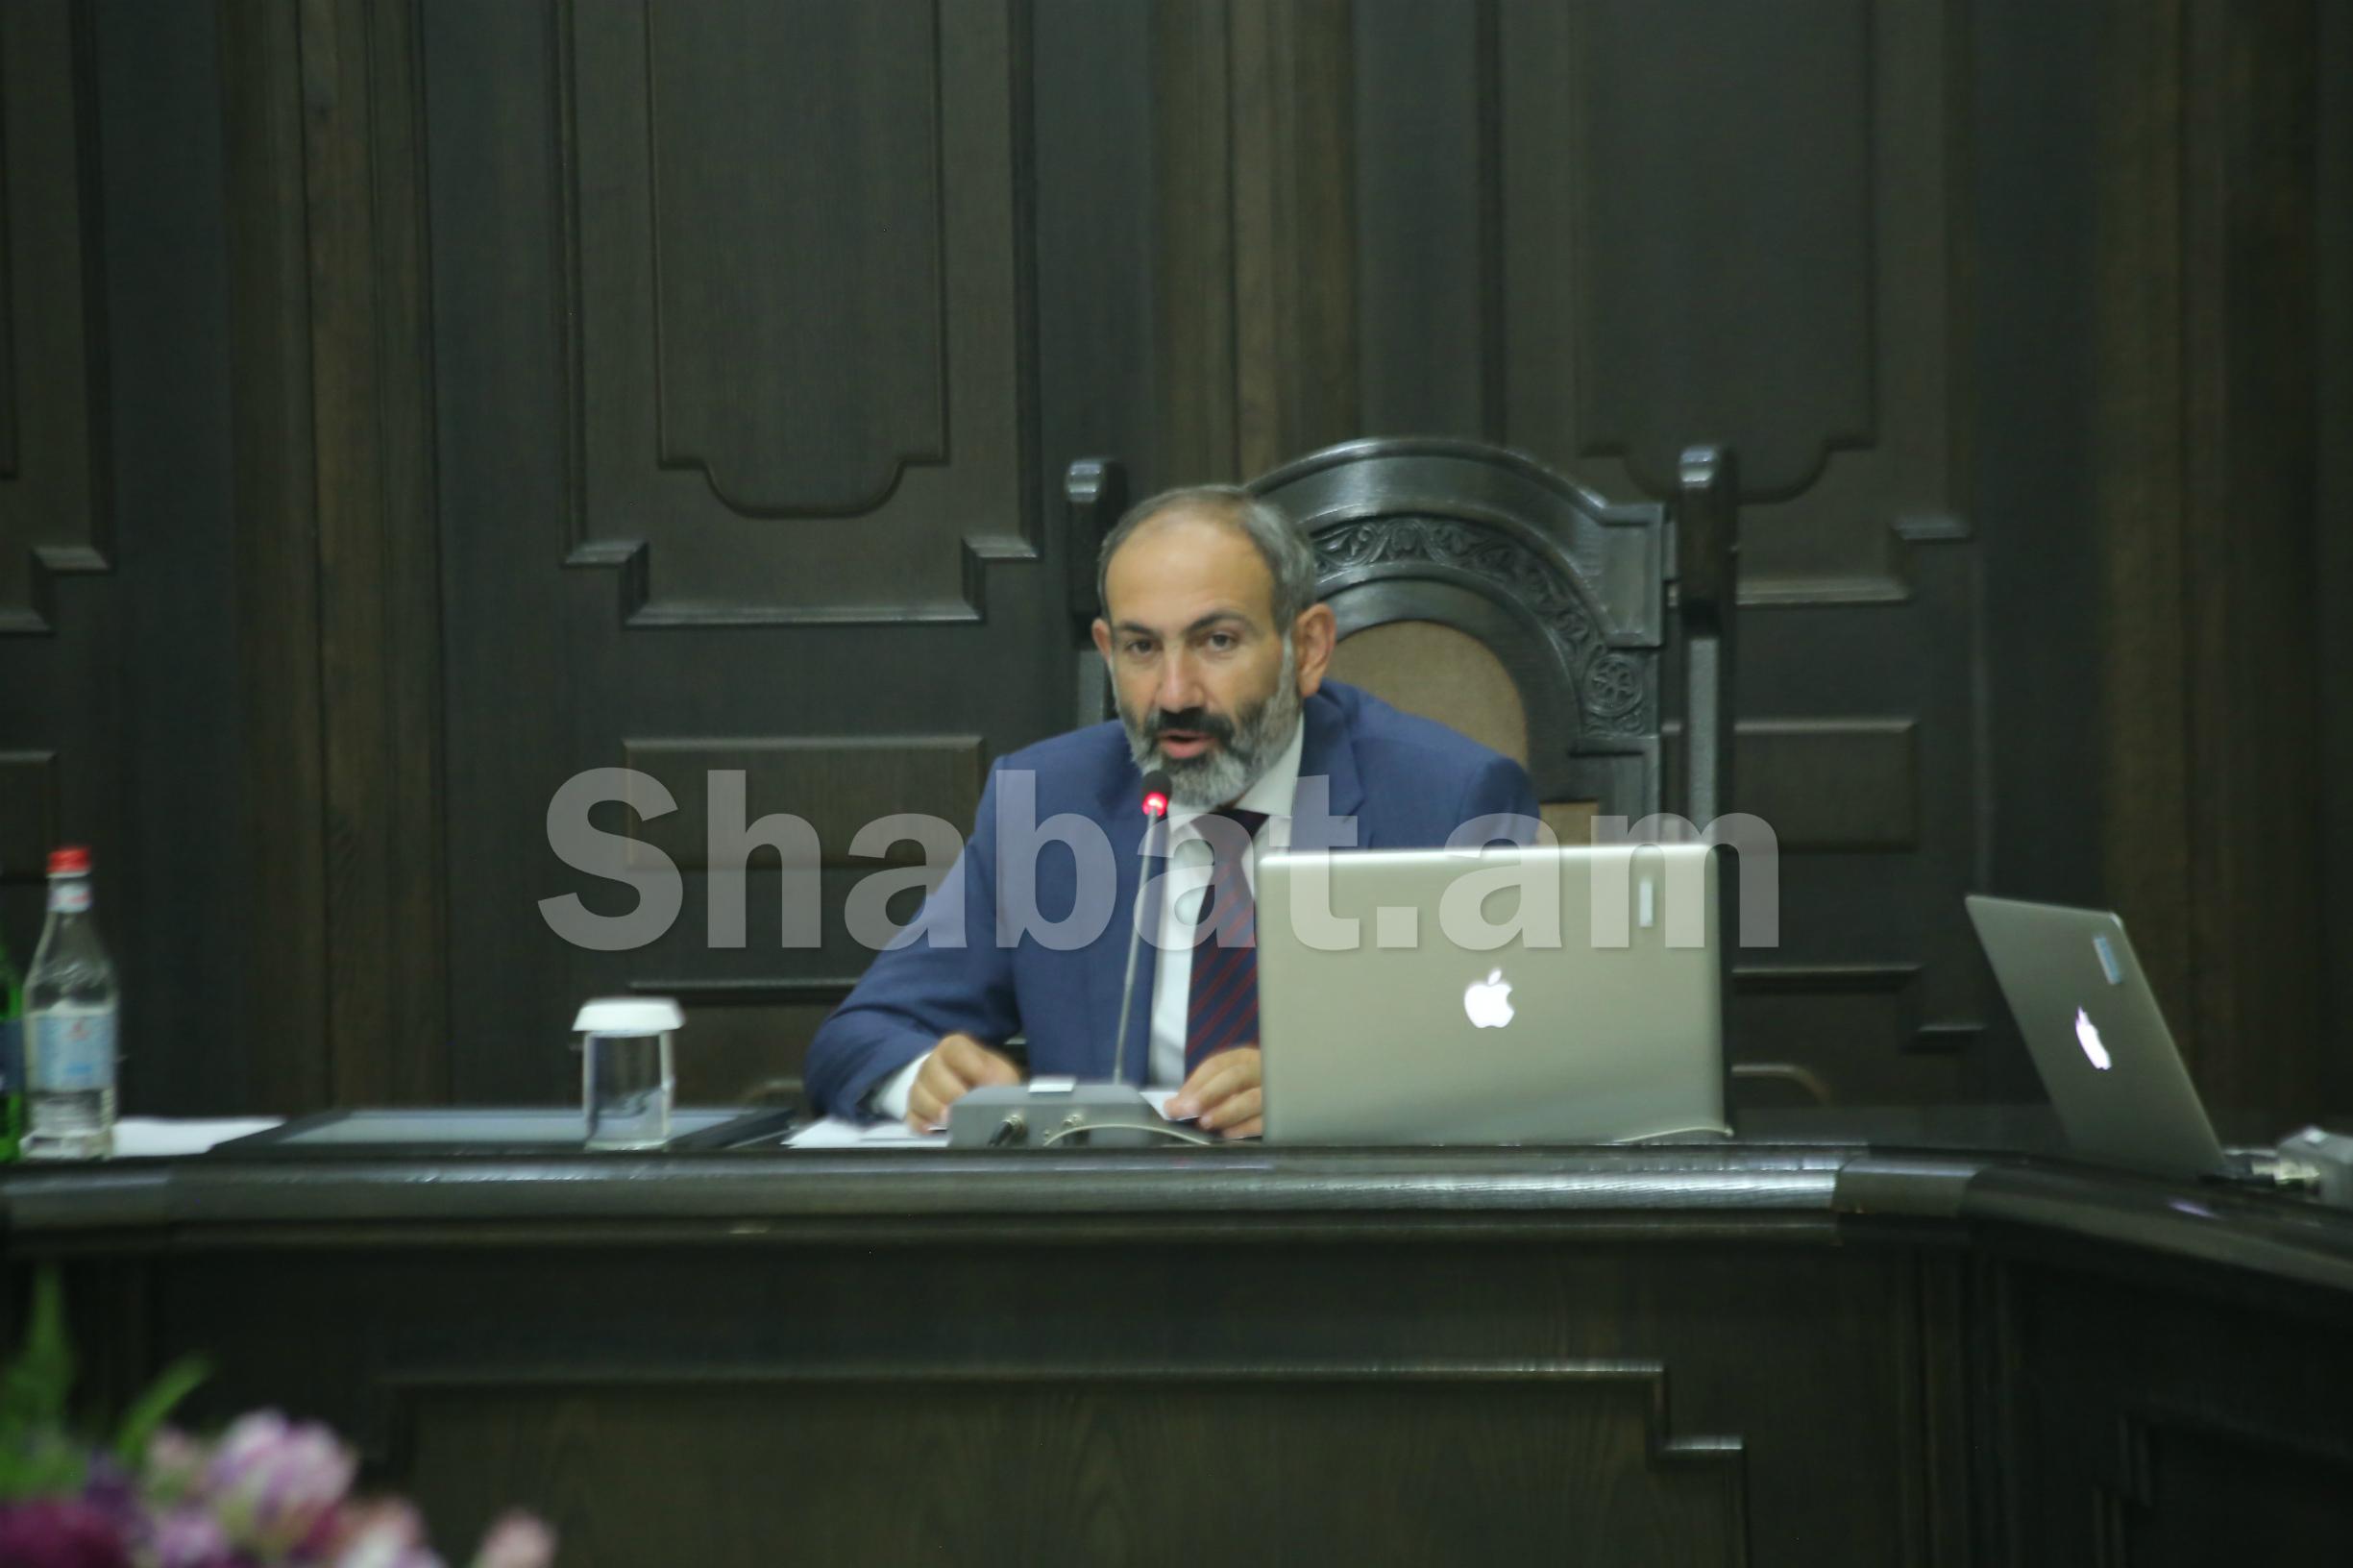 Զարմանալի էր, որ սոցիալական ցանցերը փոթորկող ոչ մի թեմայով ինձ հարց չուղղվեց երեկվա ասուլիսի ընթացքում. վարչապետ